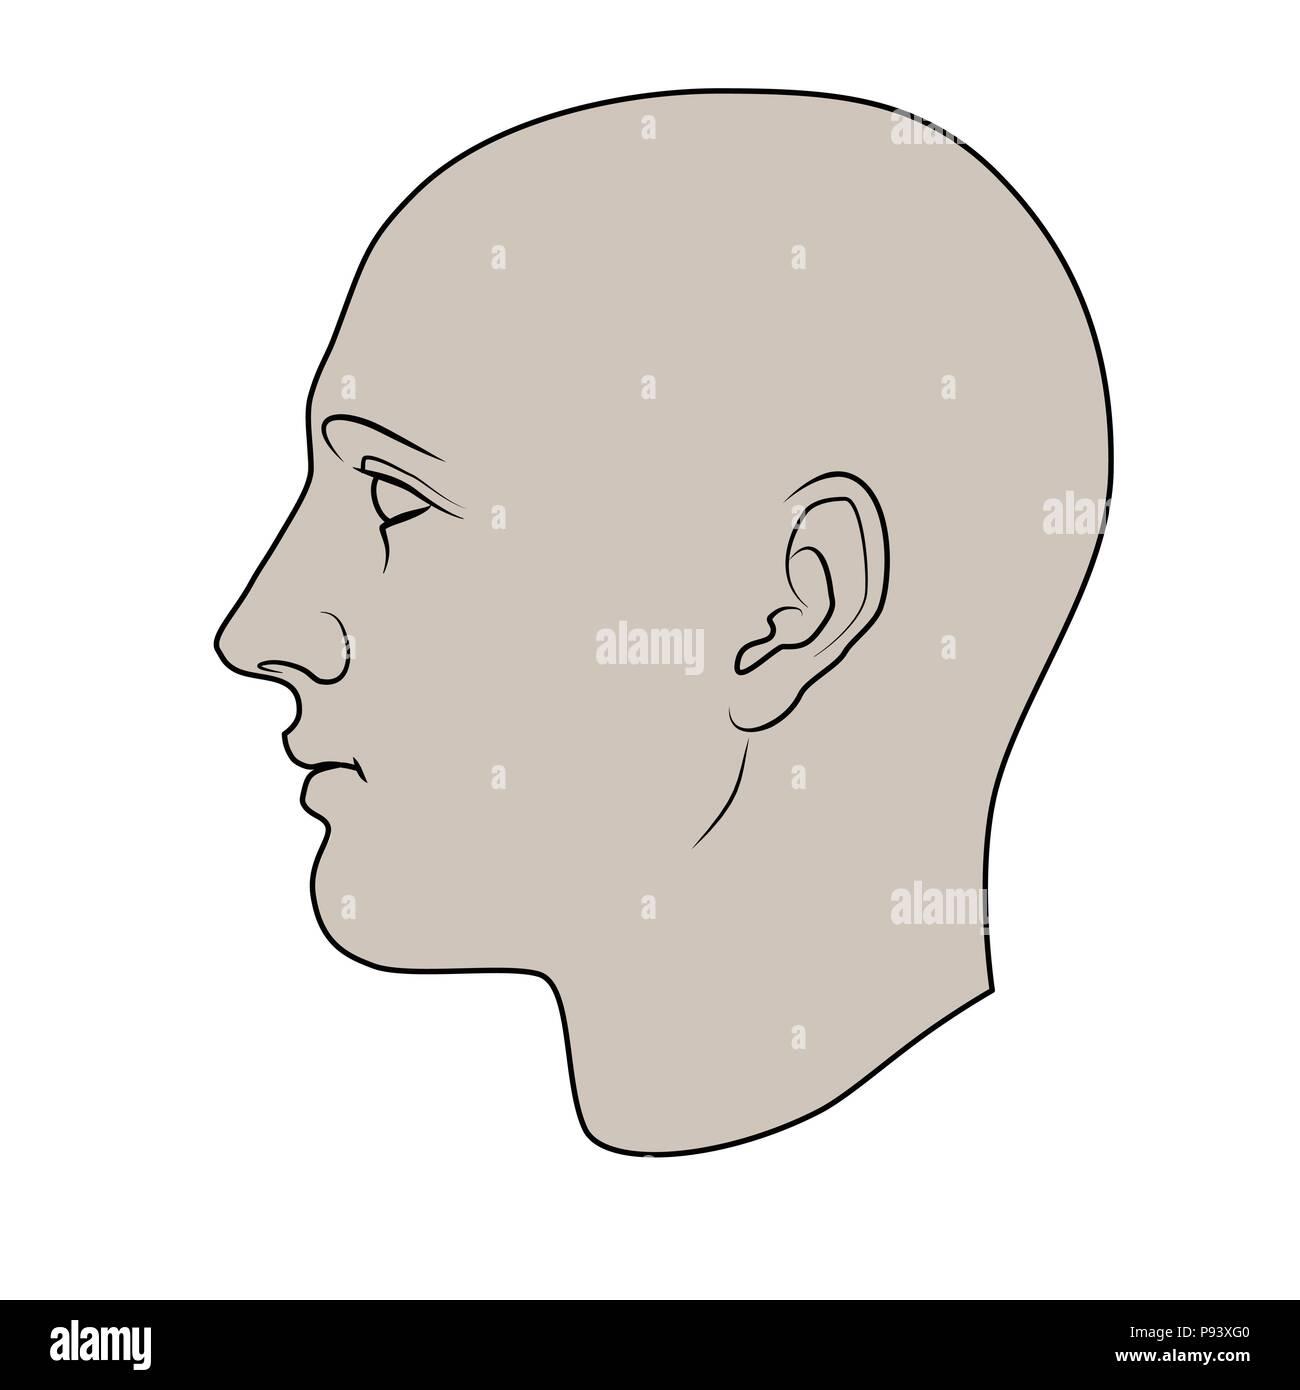 Cabeza humana dibujados a mano en el perfil. Razonabilidad de vector plano aislado sobre fondo blanco. Imagen De Stock